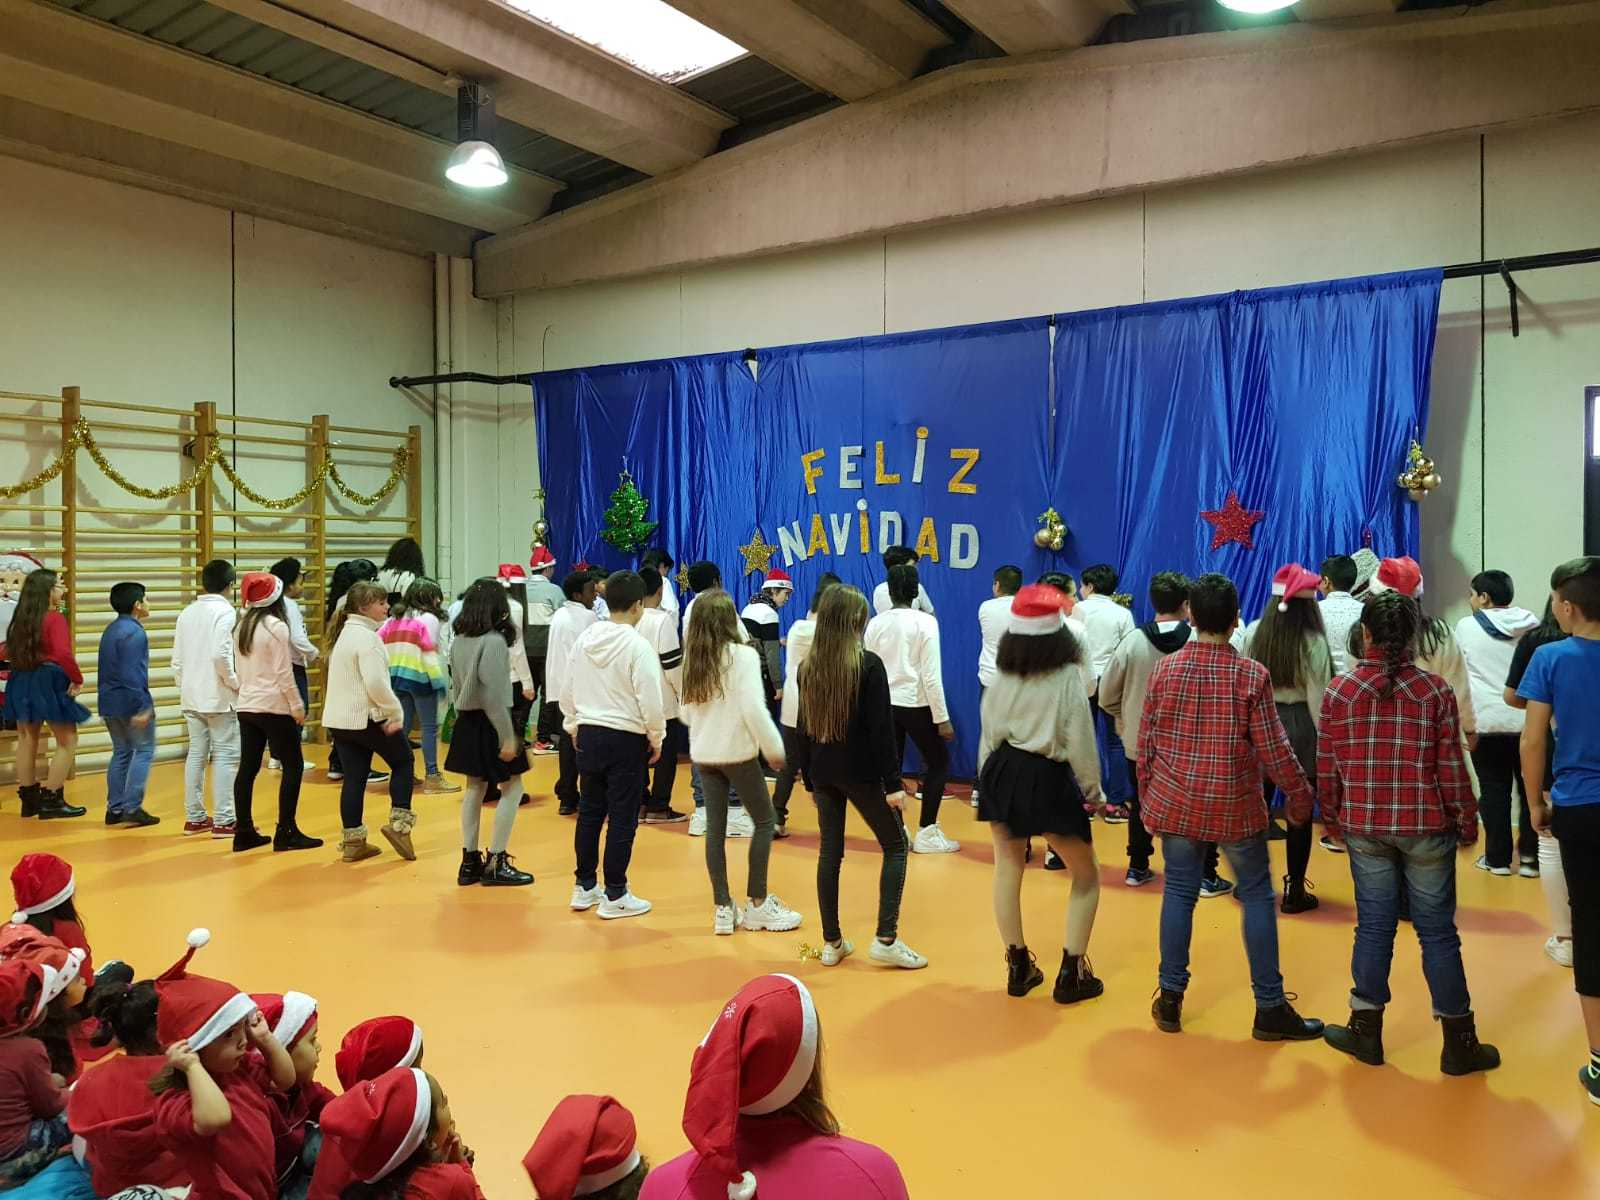 Último día - Festival navidad 20